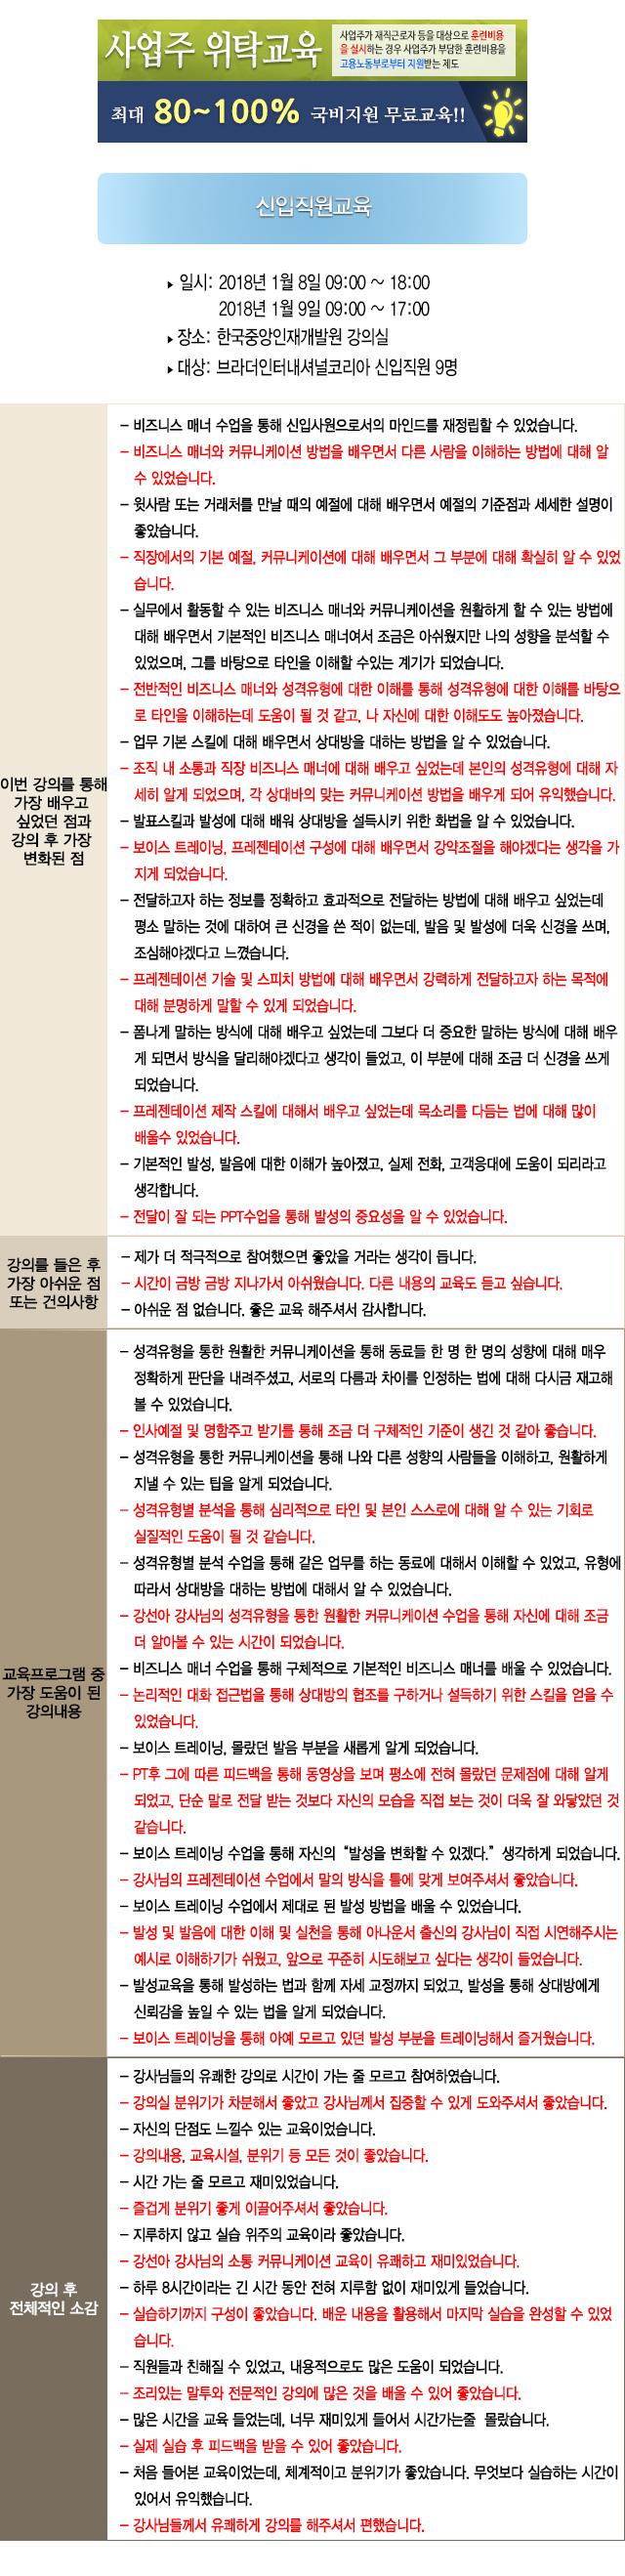 한국중앙인재개발원 후기 브라더인터내셔널코리아.jpg